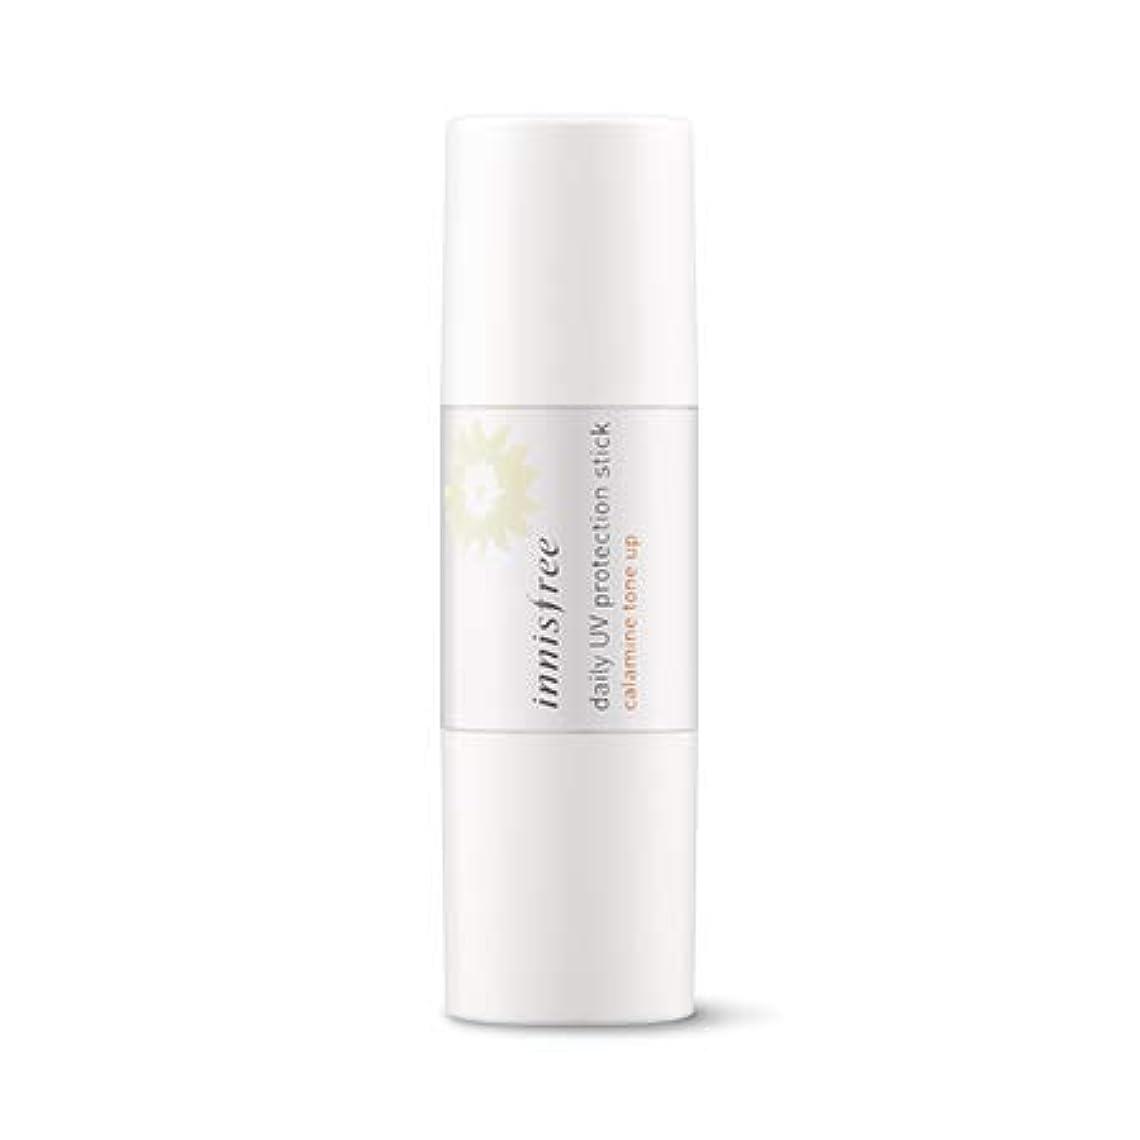 若さうそつきワーカー【innisfree】デイリーUVプロテクションスティックカラミントンオプSPF50+ PA++++8g+線クレンジングティッシュ(20枚)/ Daily UV Protection Stick Calamine Tone up SPF50+ PA+++++ sun cleansing tissue(20sheet)